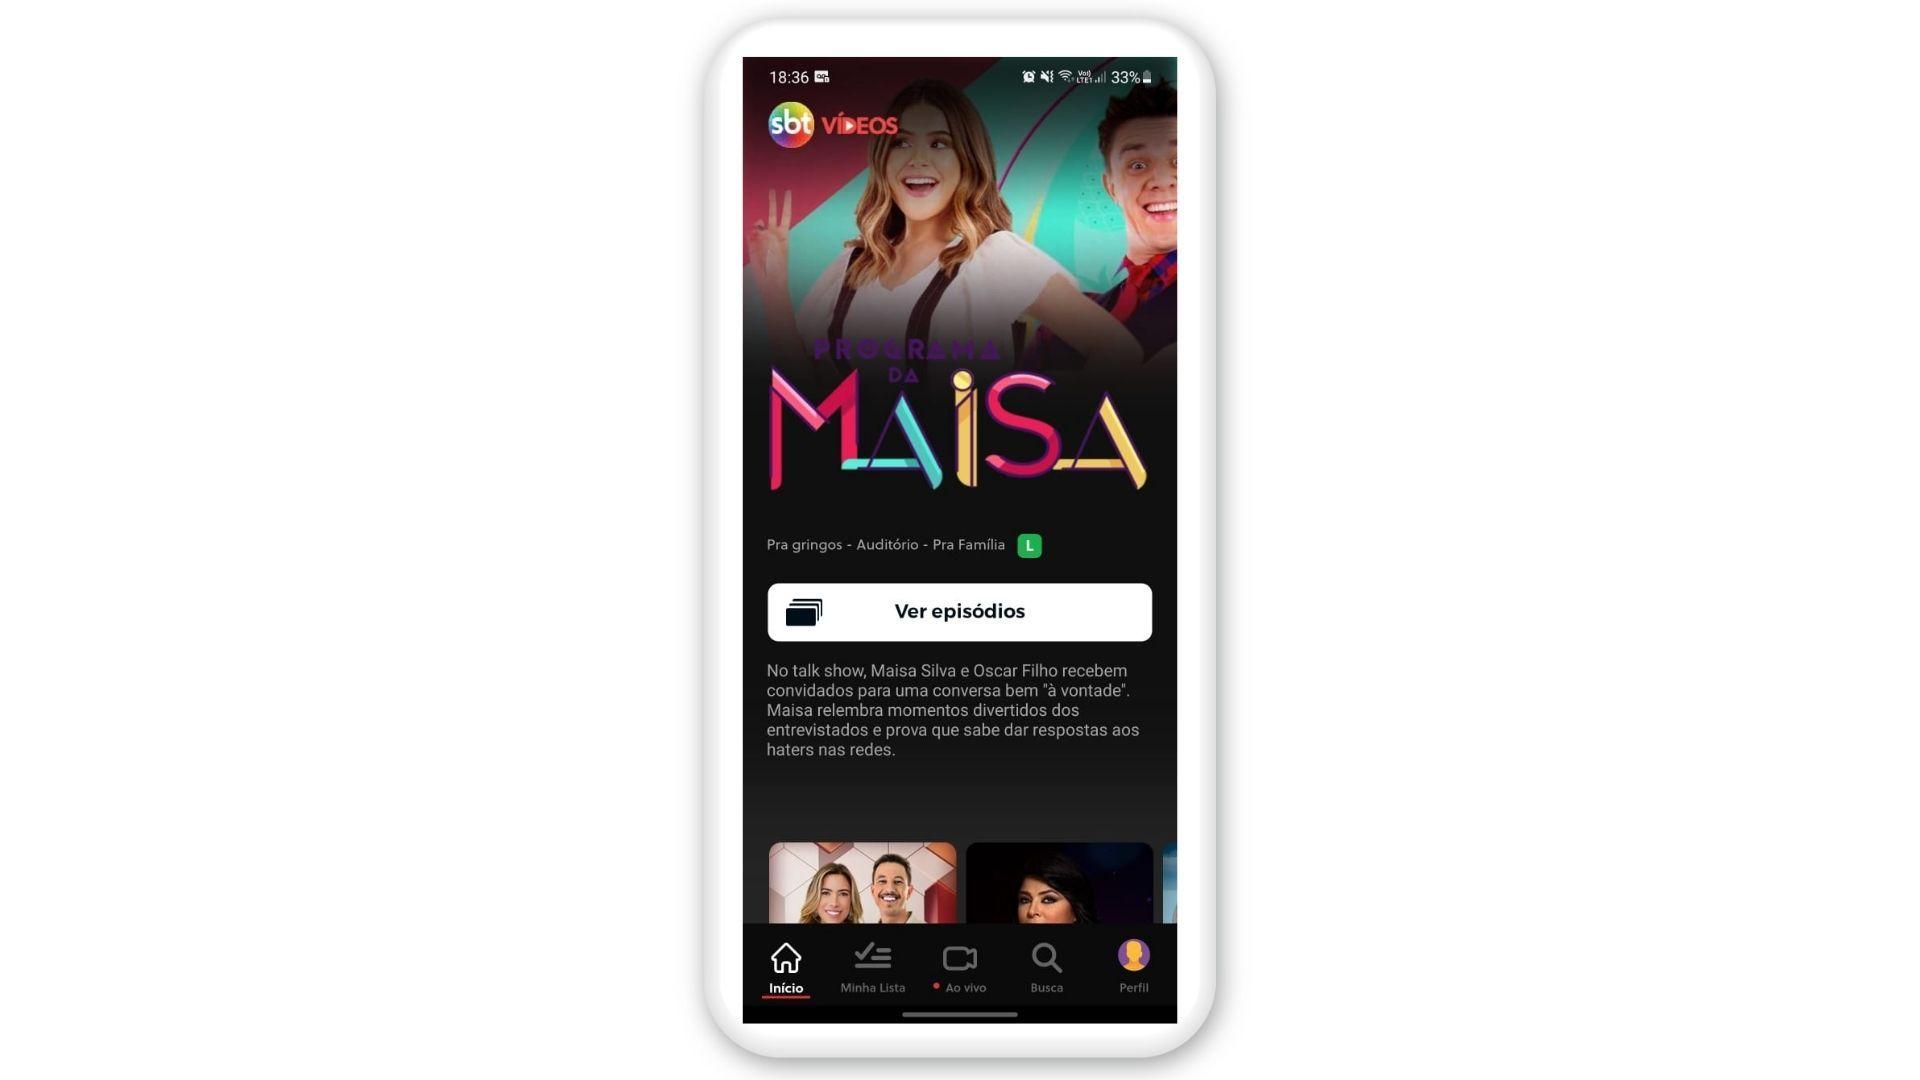 Print de tela do SBT Vídeo, um aplicativo para assistir TV no celular